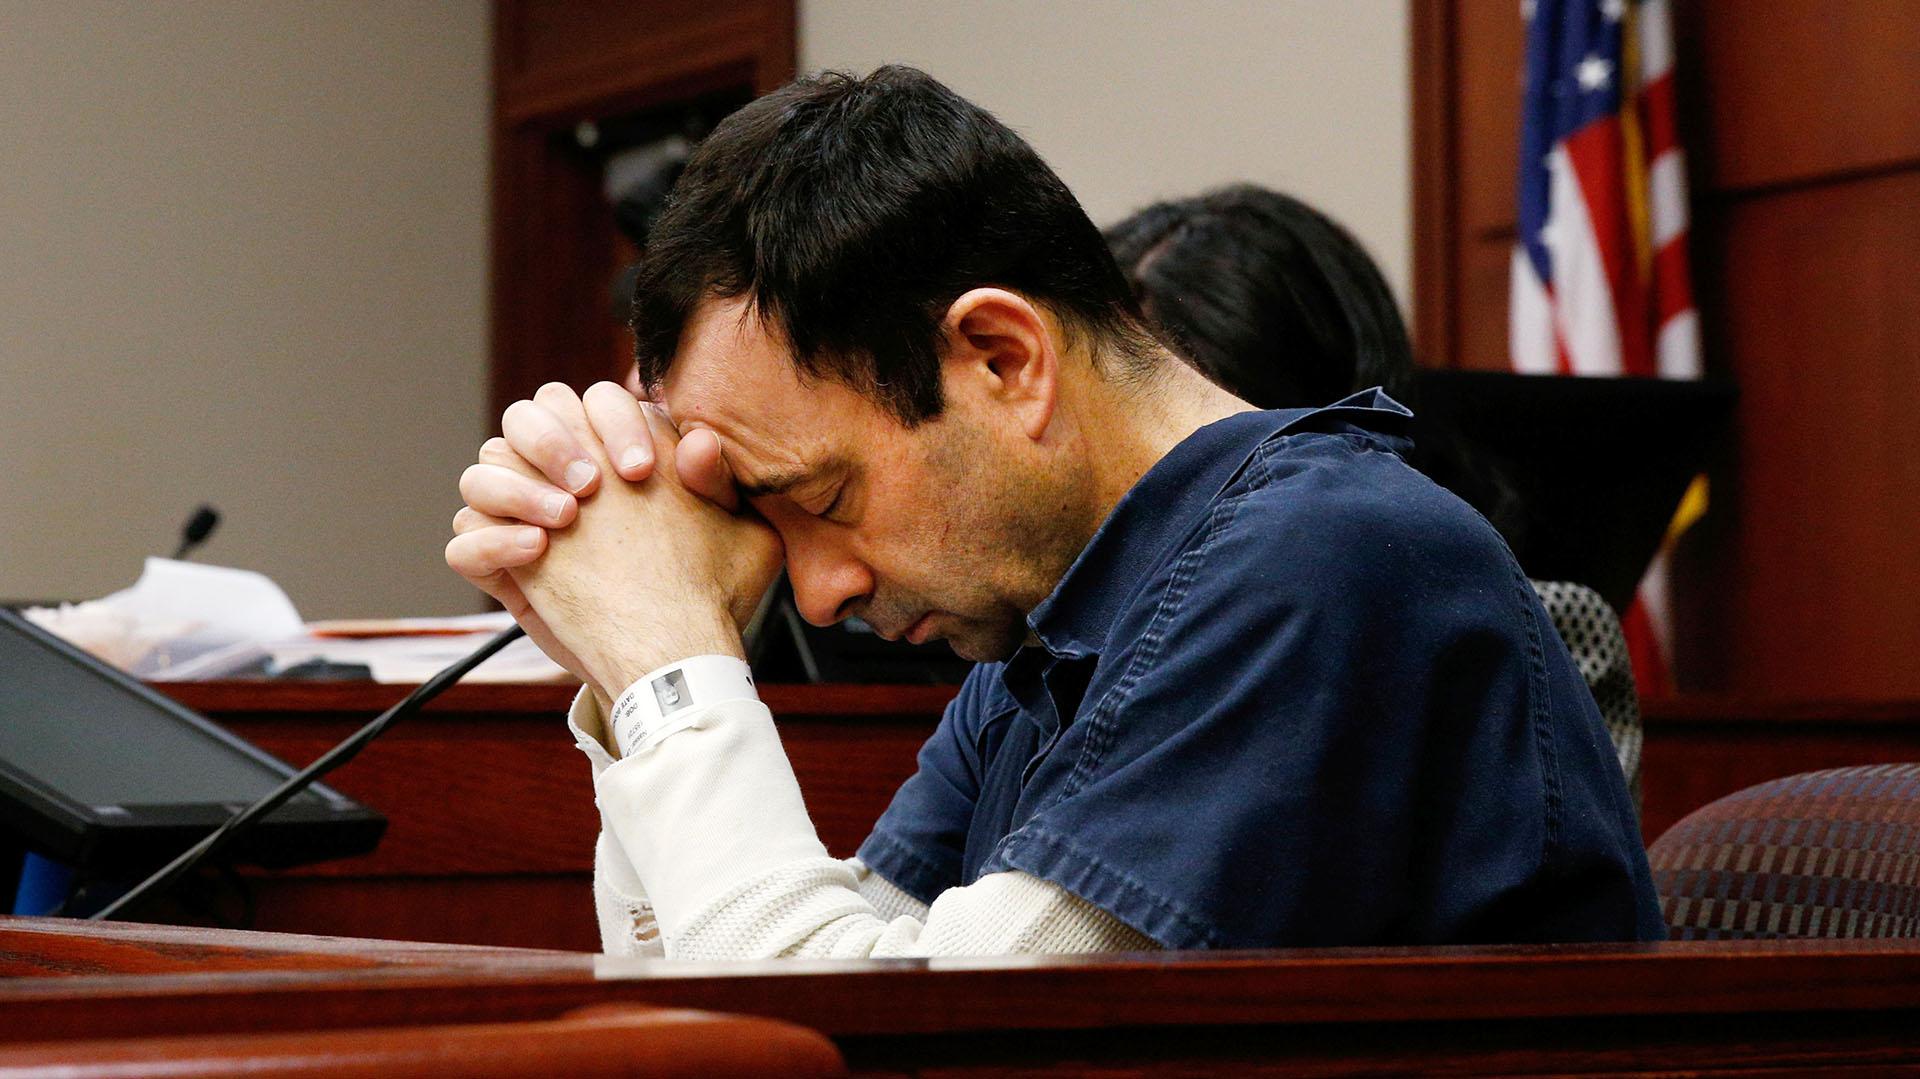 Larry Nassar, el ex médico del equipo de gimnasia olímpico de los Estados Unidos condenado por abuso sexual, escucha el relato de una de sus víctimas durante la audiencia de su sentencia en Lansing, Michigan, el 17 de enero